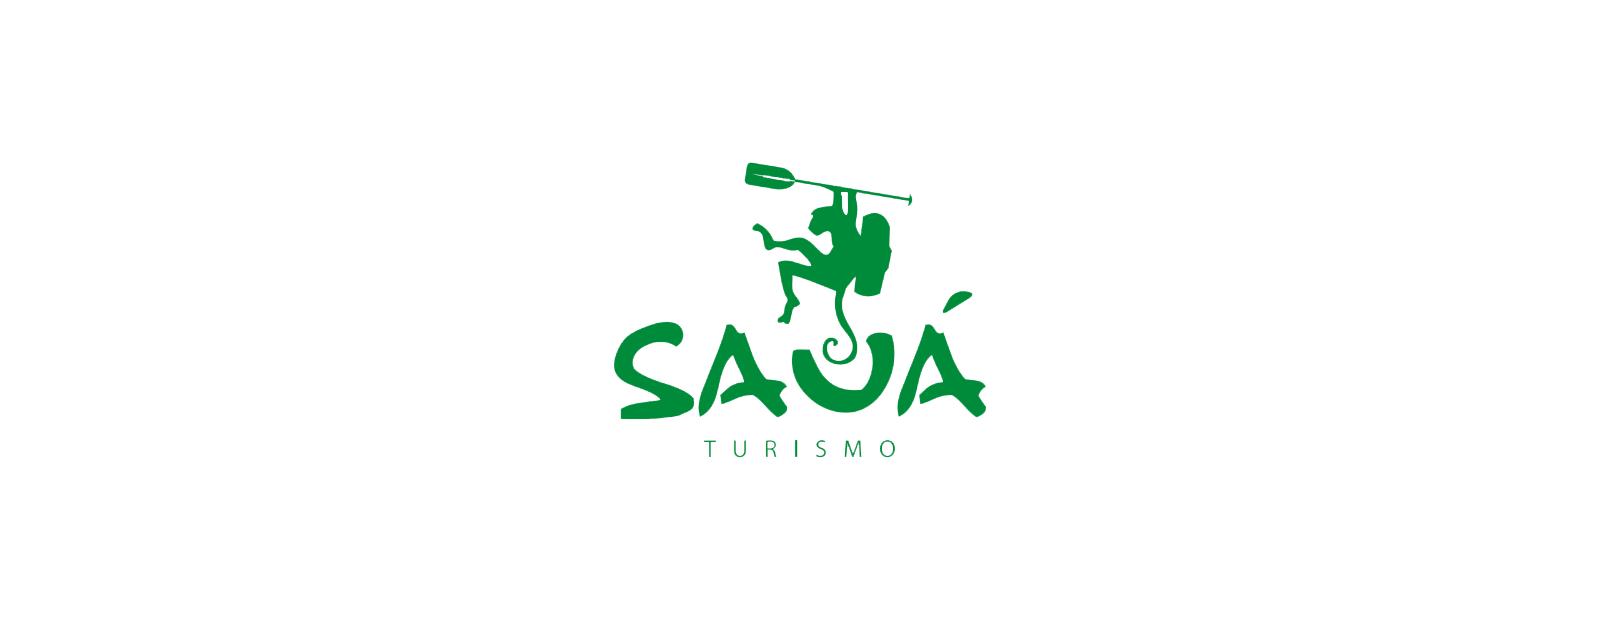 saua turismo